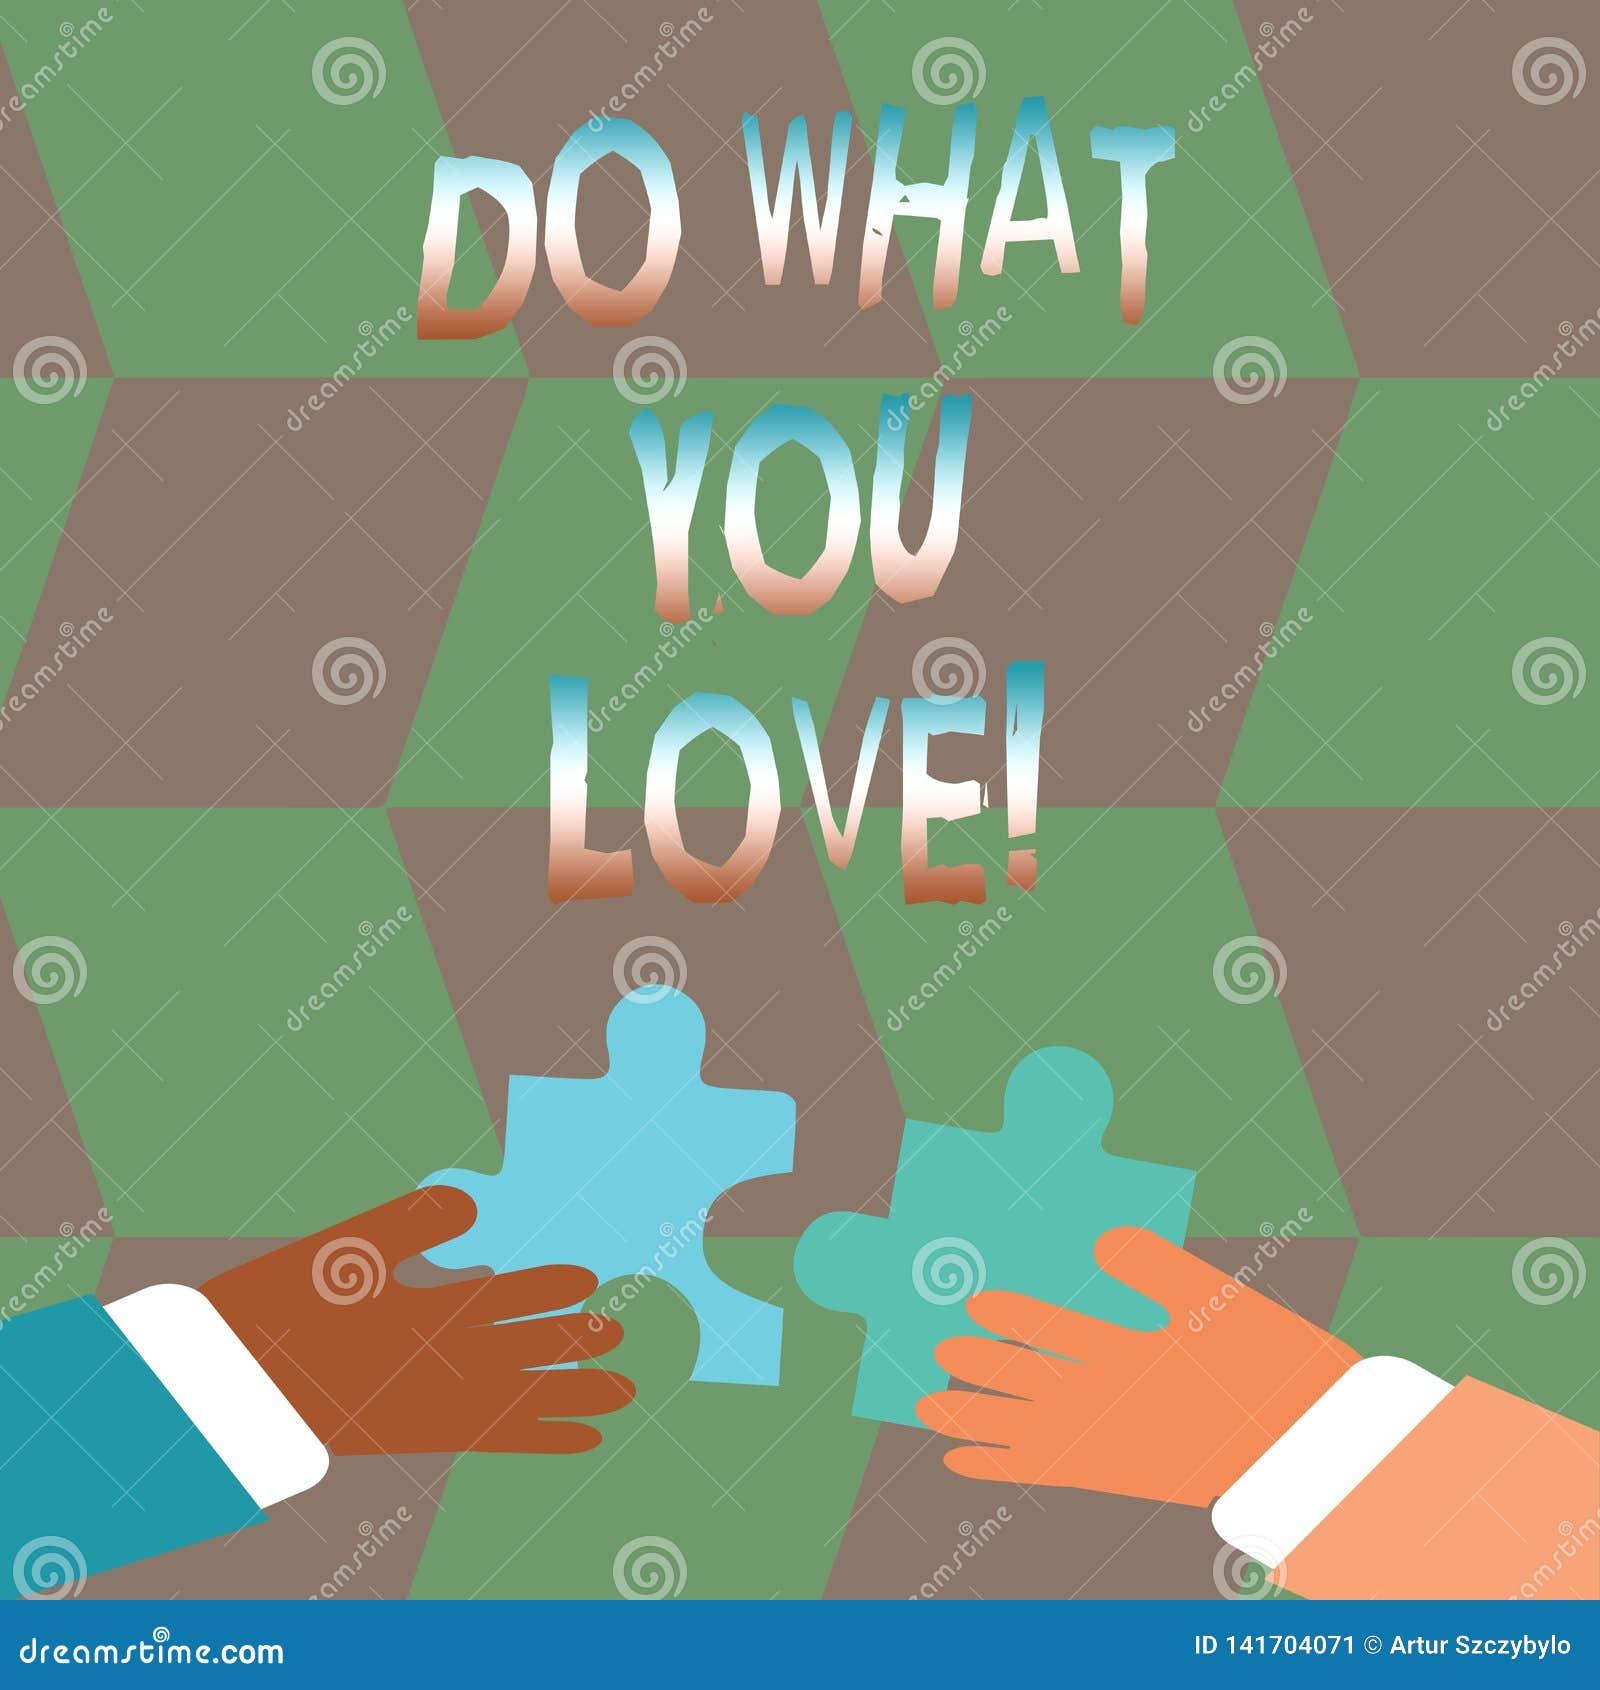 Ordhandstiltext gör vad du älskar Affärsidé för det positiva Desire Happiness Interest Pleasure Happy valet